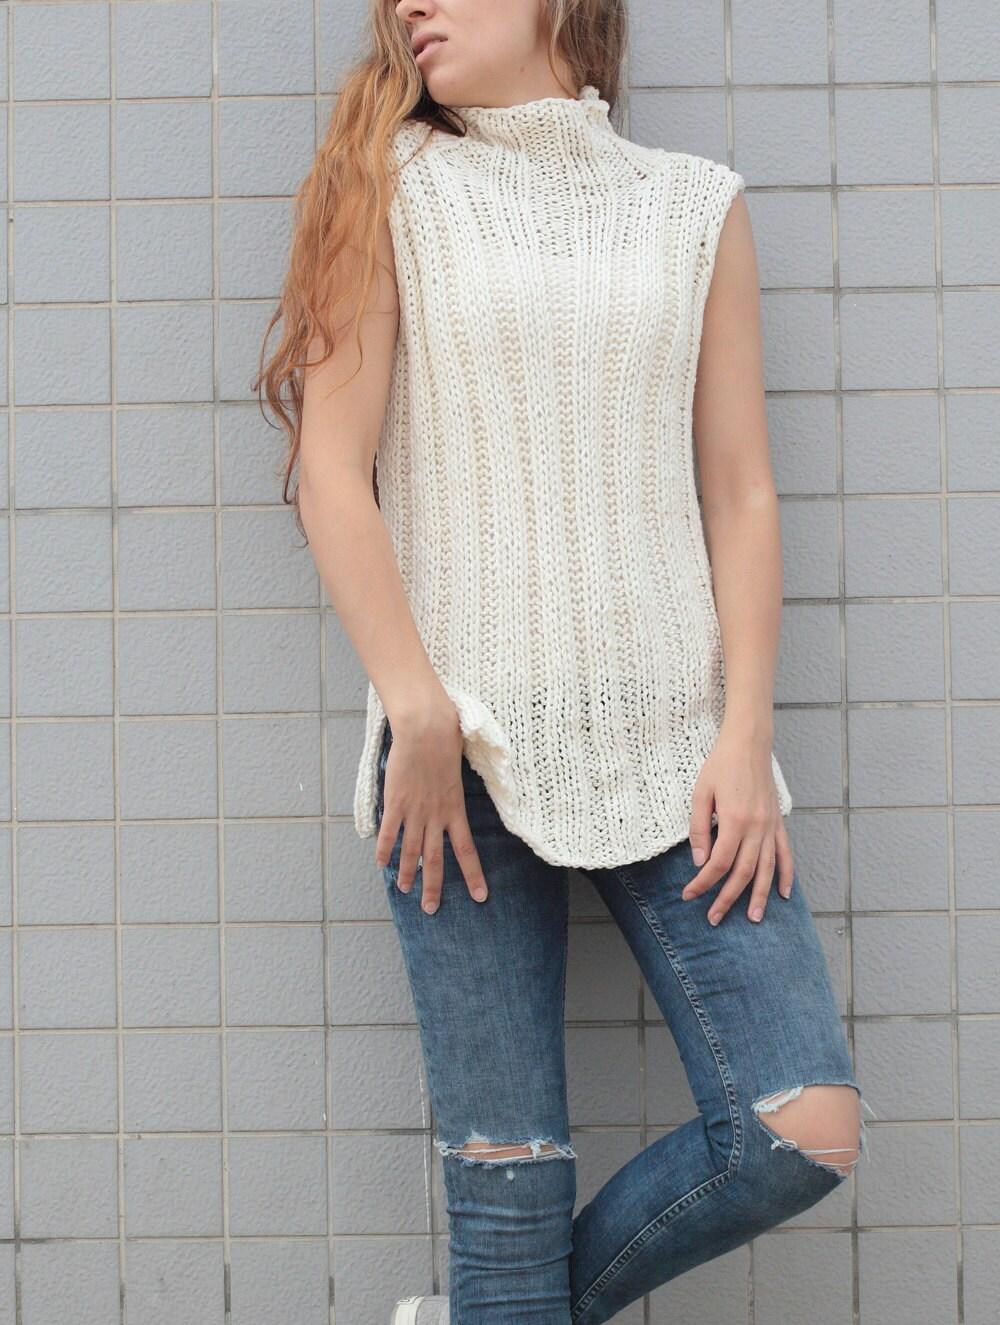 Hand knit woman cotton tunic sweater Tank knit White Cream ...